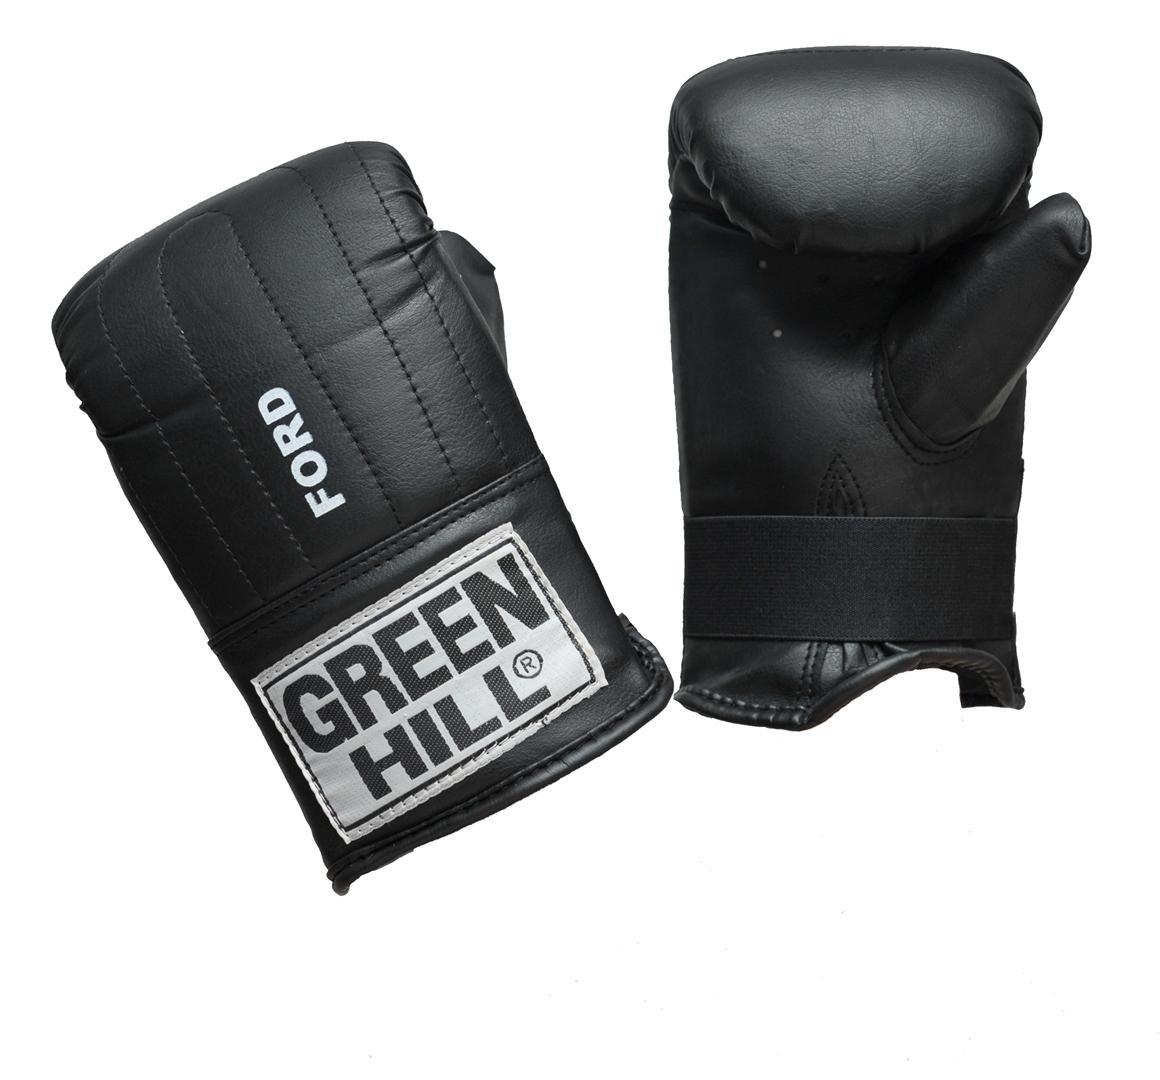 Перчатки снарядные Green Hill Ford, цвет: черный. Размер XLBGG-2018Снарядные перчатки Green Hill Ford предназначены для отработки ударов по мешкам и лапам. Не предназначены для спаррингов, так как могут быть травмоопасны для противника. Подойдут для домашнего использования и для начинающих спортсменов. Перчатки выполнены из искусственной кожи с мягким наполнителем внутри. Манжет не резинке позволяет быстро снимать и одевать перчатки, плотно фиксирует их на руке.